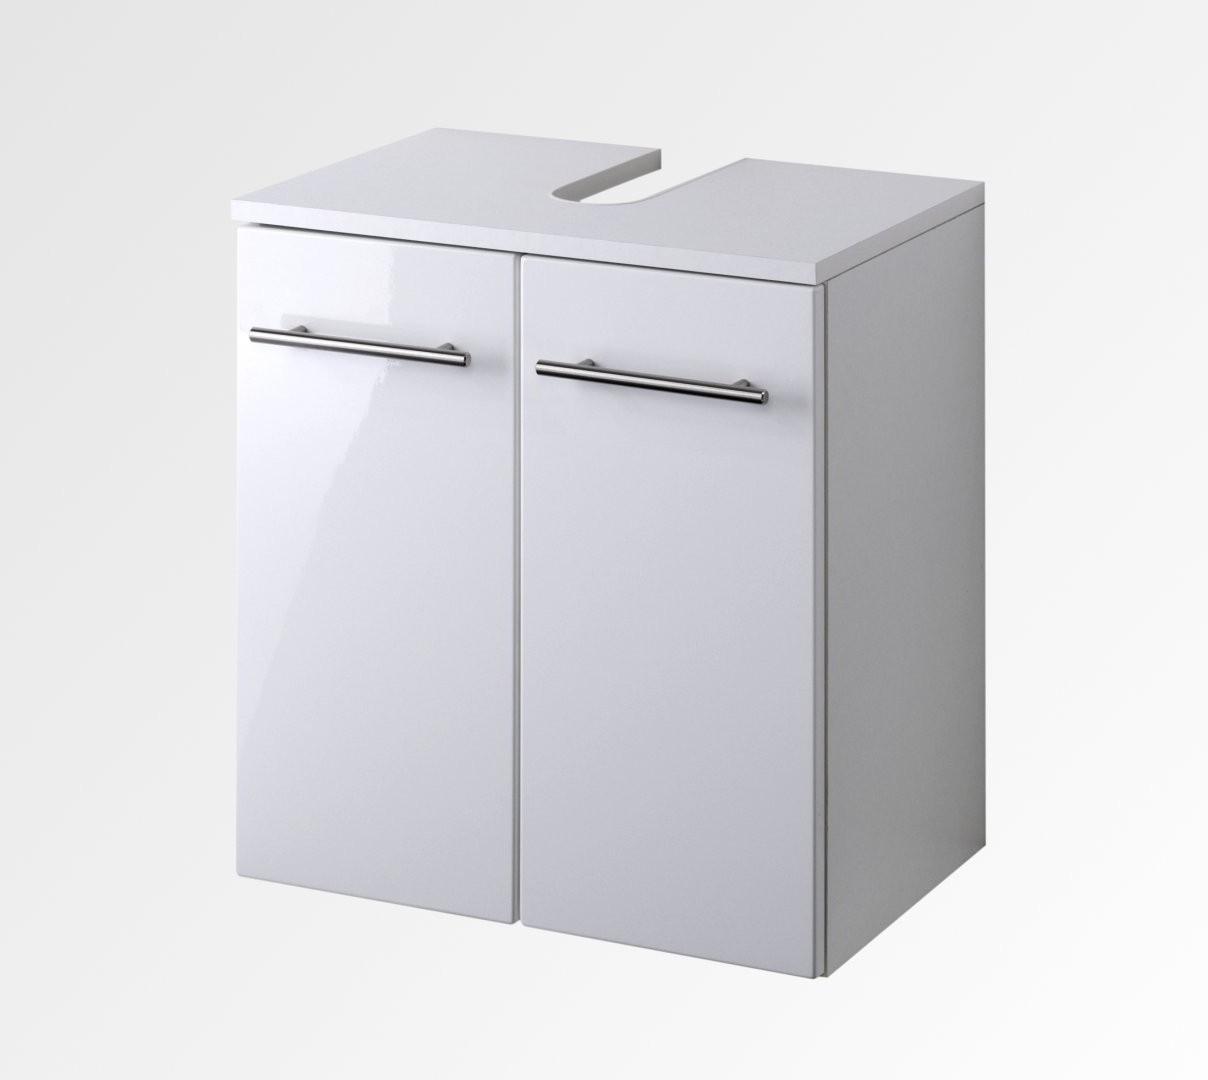 bad waschbeckenunterschrank small 2 t rig 50 cm breit. Black Bedroom Furniture Sets. Home Design Ideas